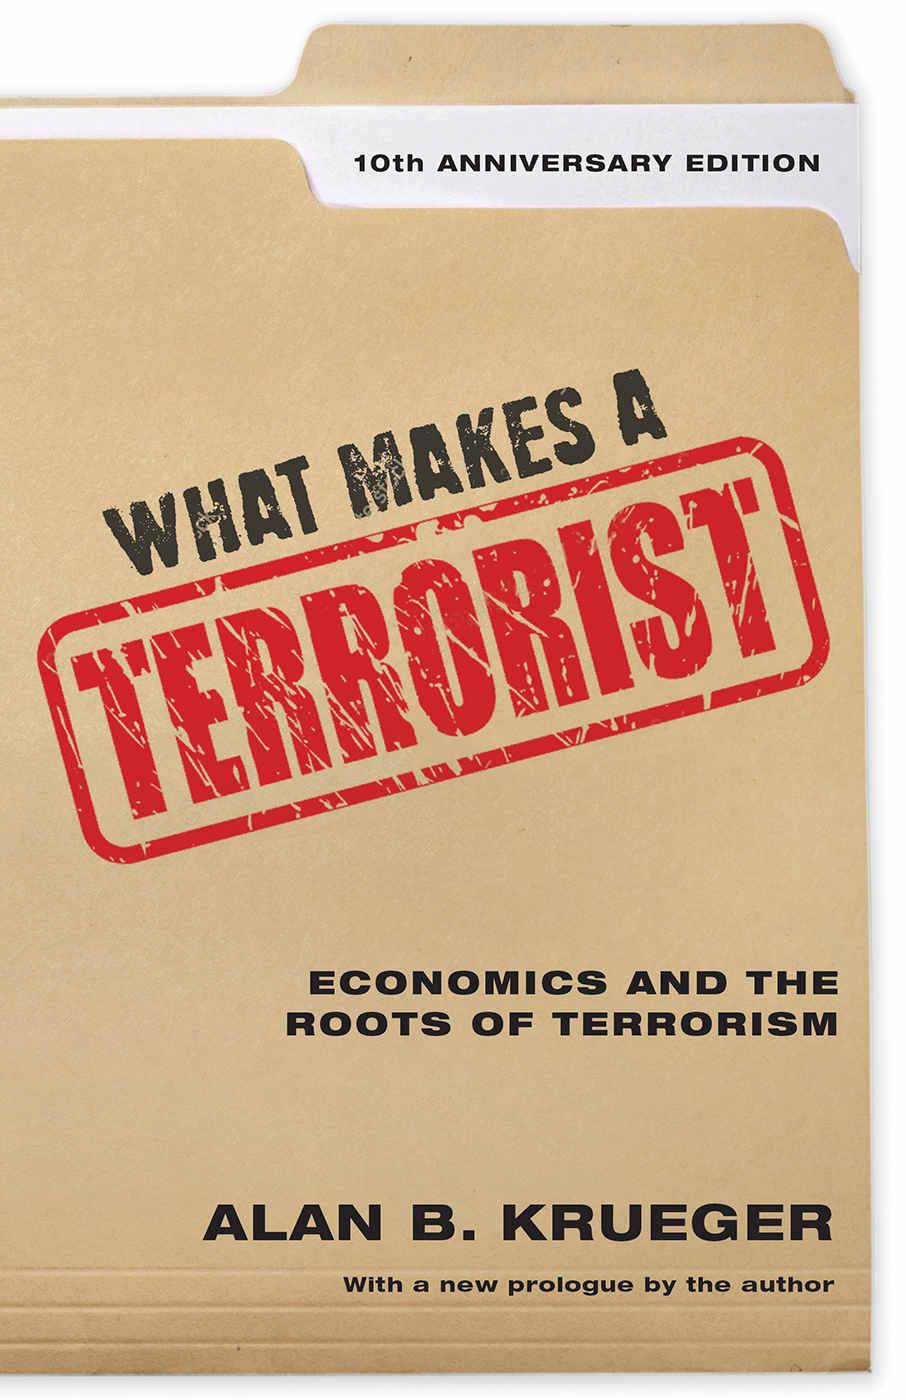 《什么是恐怖分子?經濟學與恐怖主義根源》封面圖片